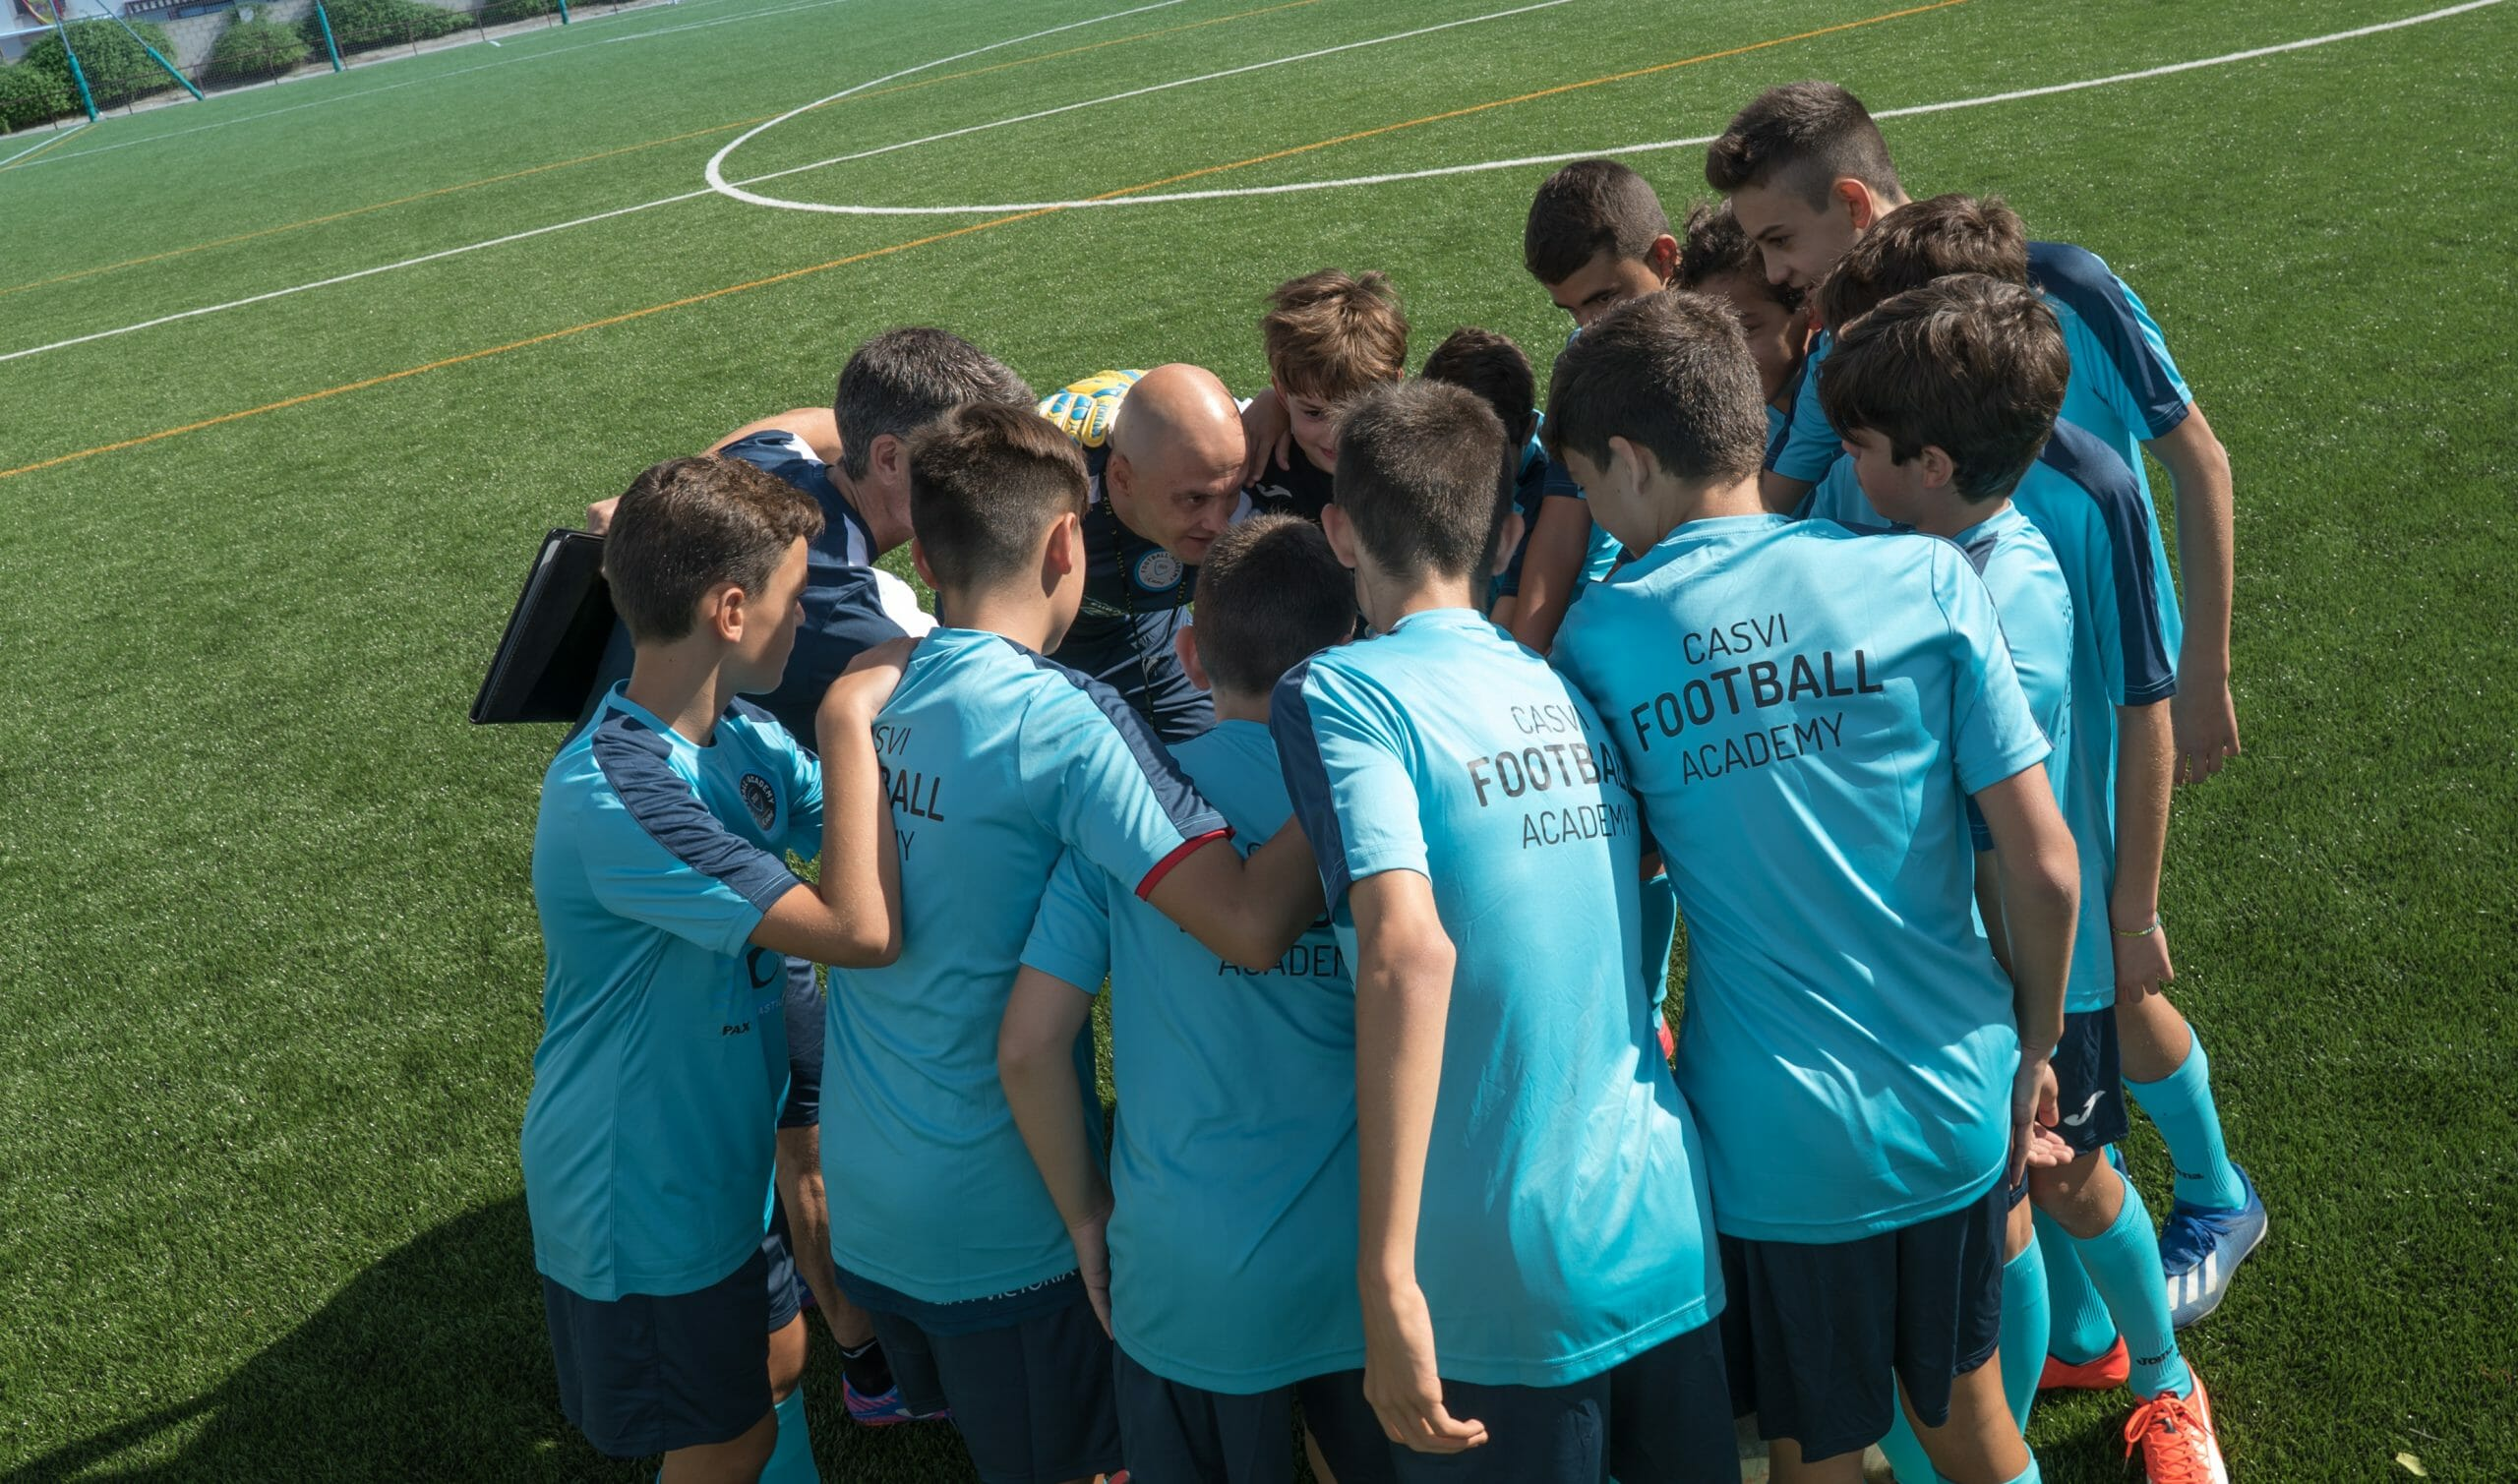 Casvi Football Academy - Home